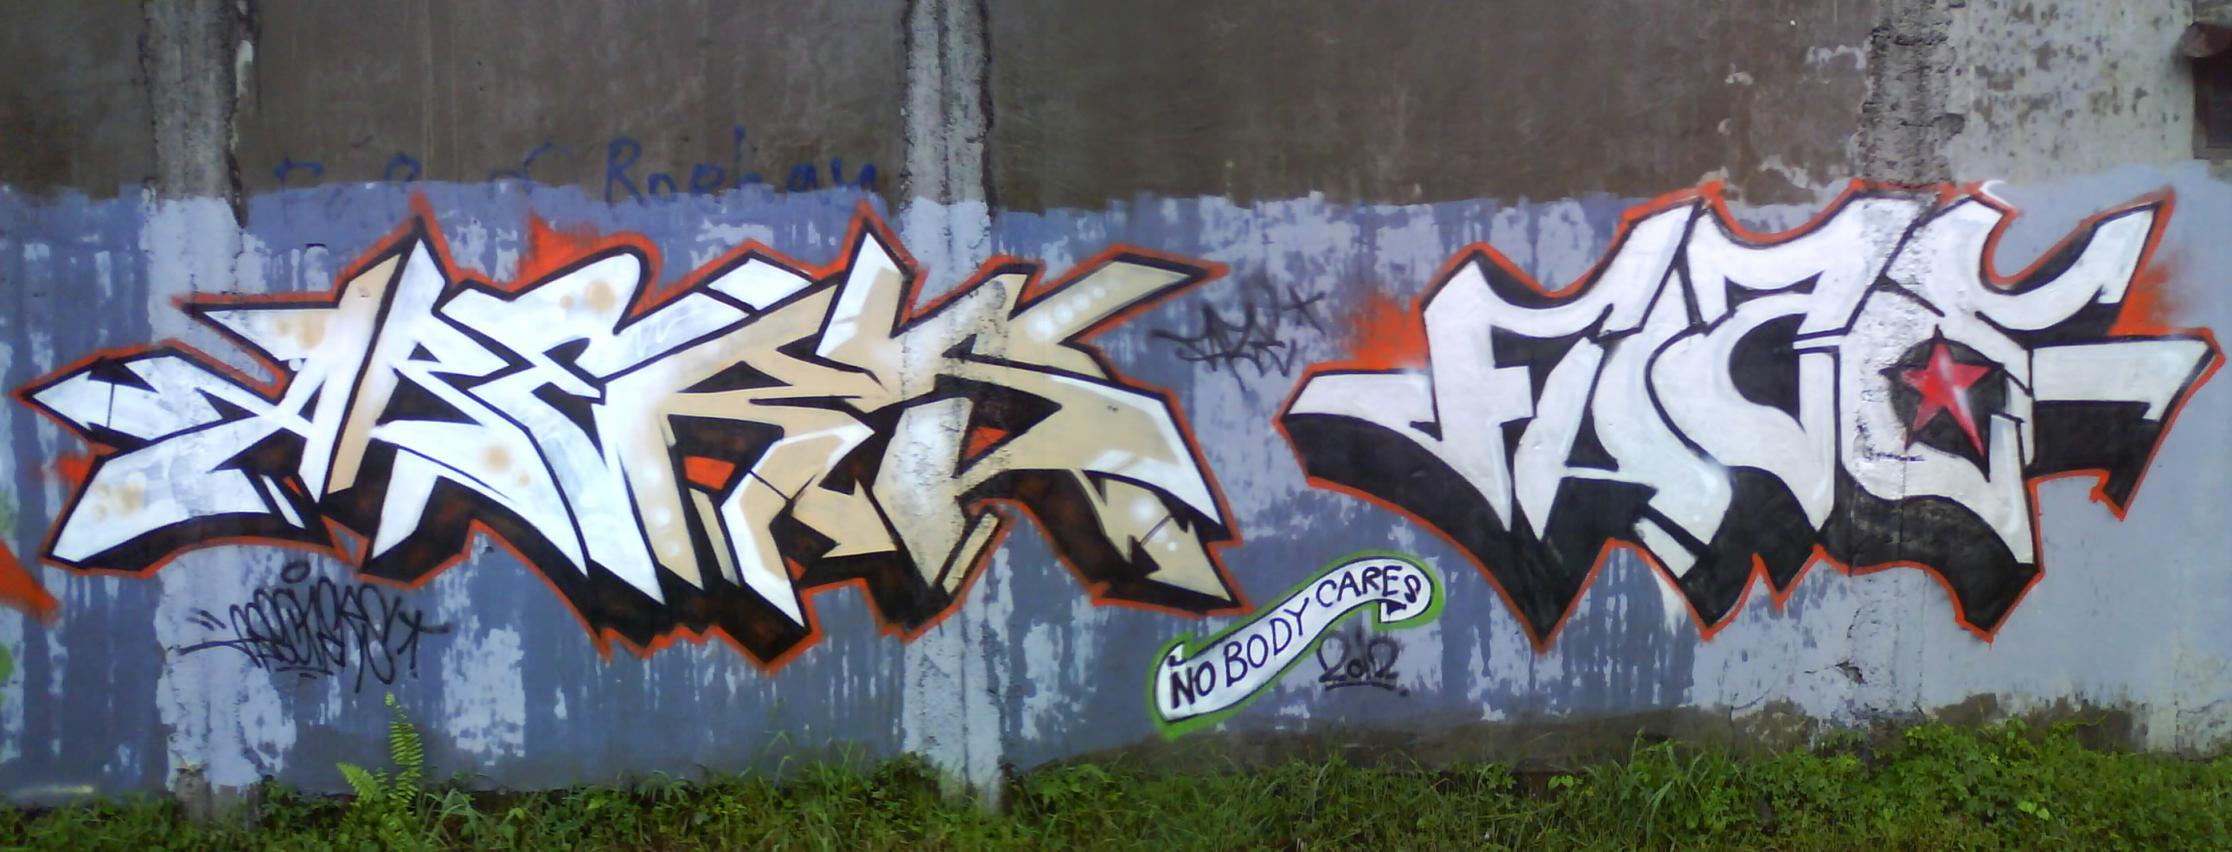 ABEONERS x fakeFAZE 28.11.2012.jpg